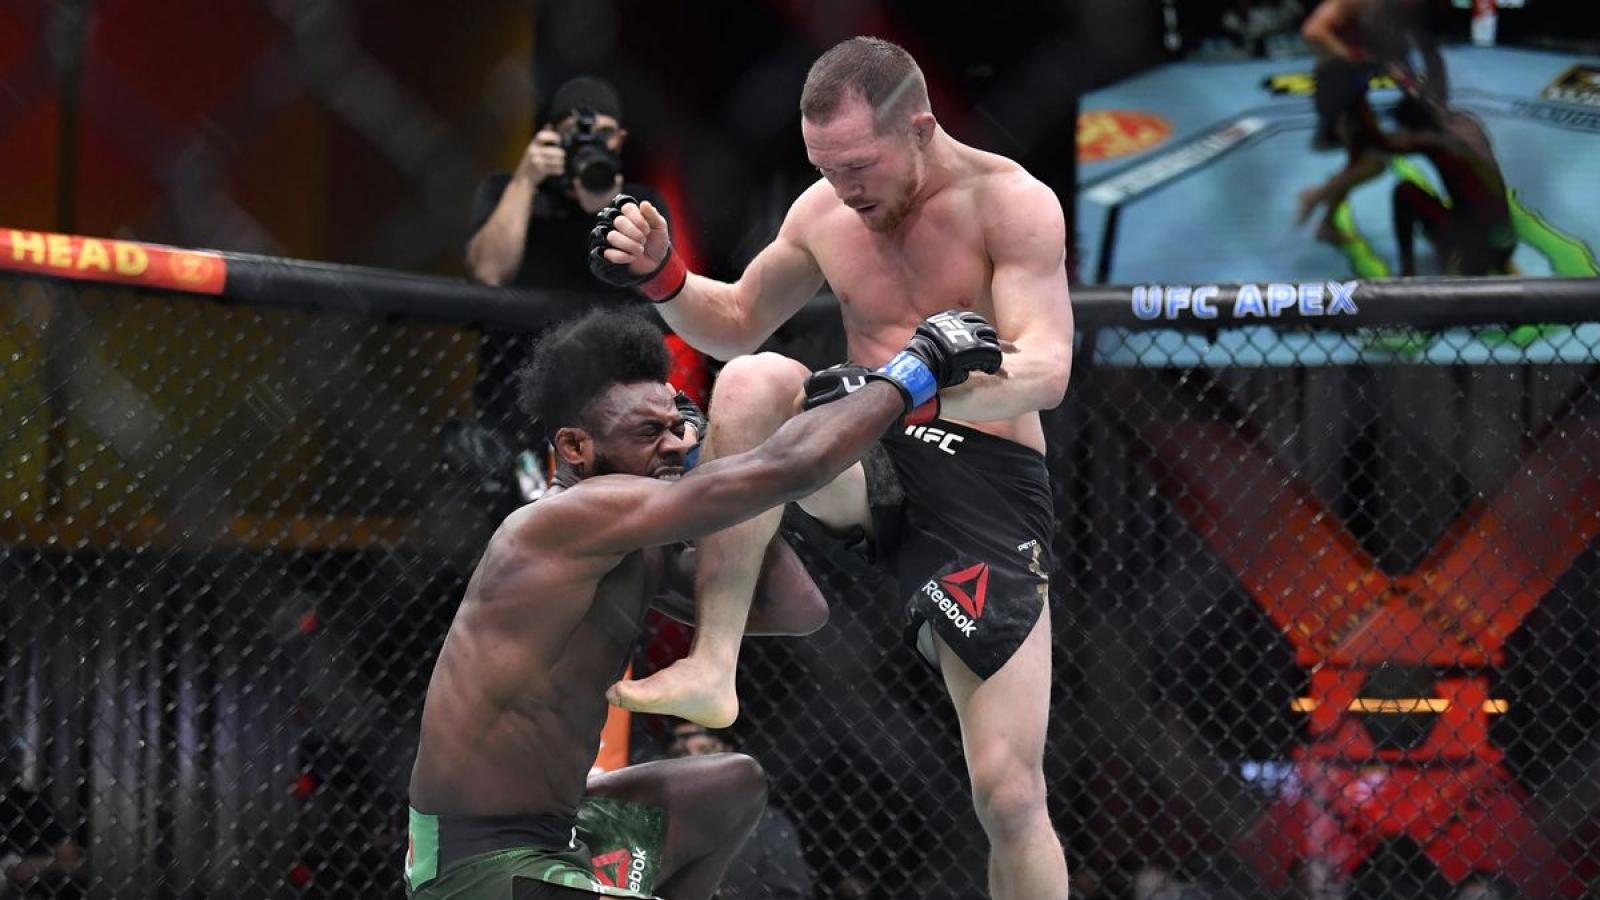 Võ sĩ mất đai vô địch UFC vì tung đòn lên gối sai luật